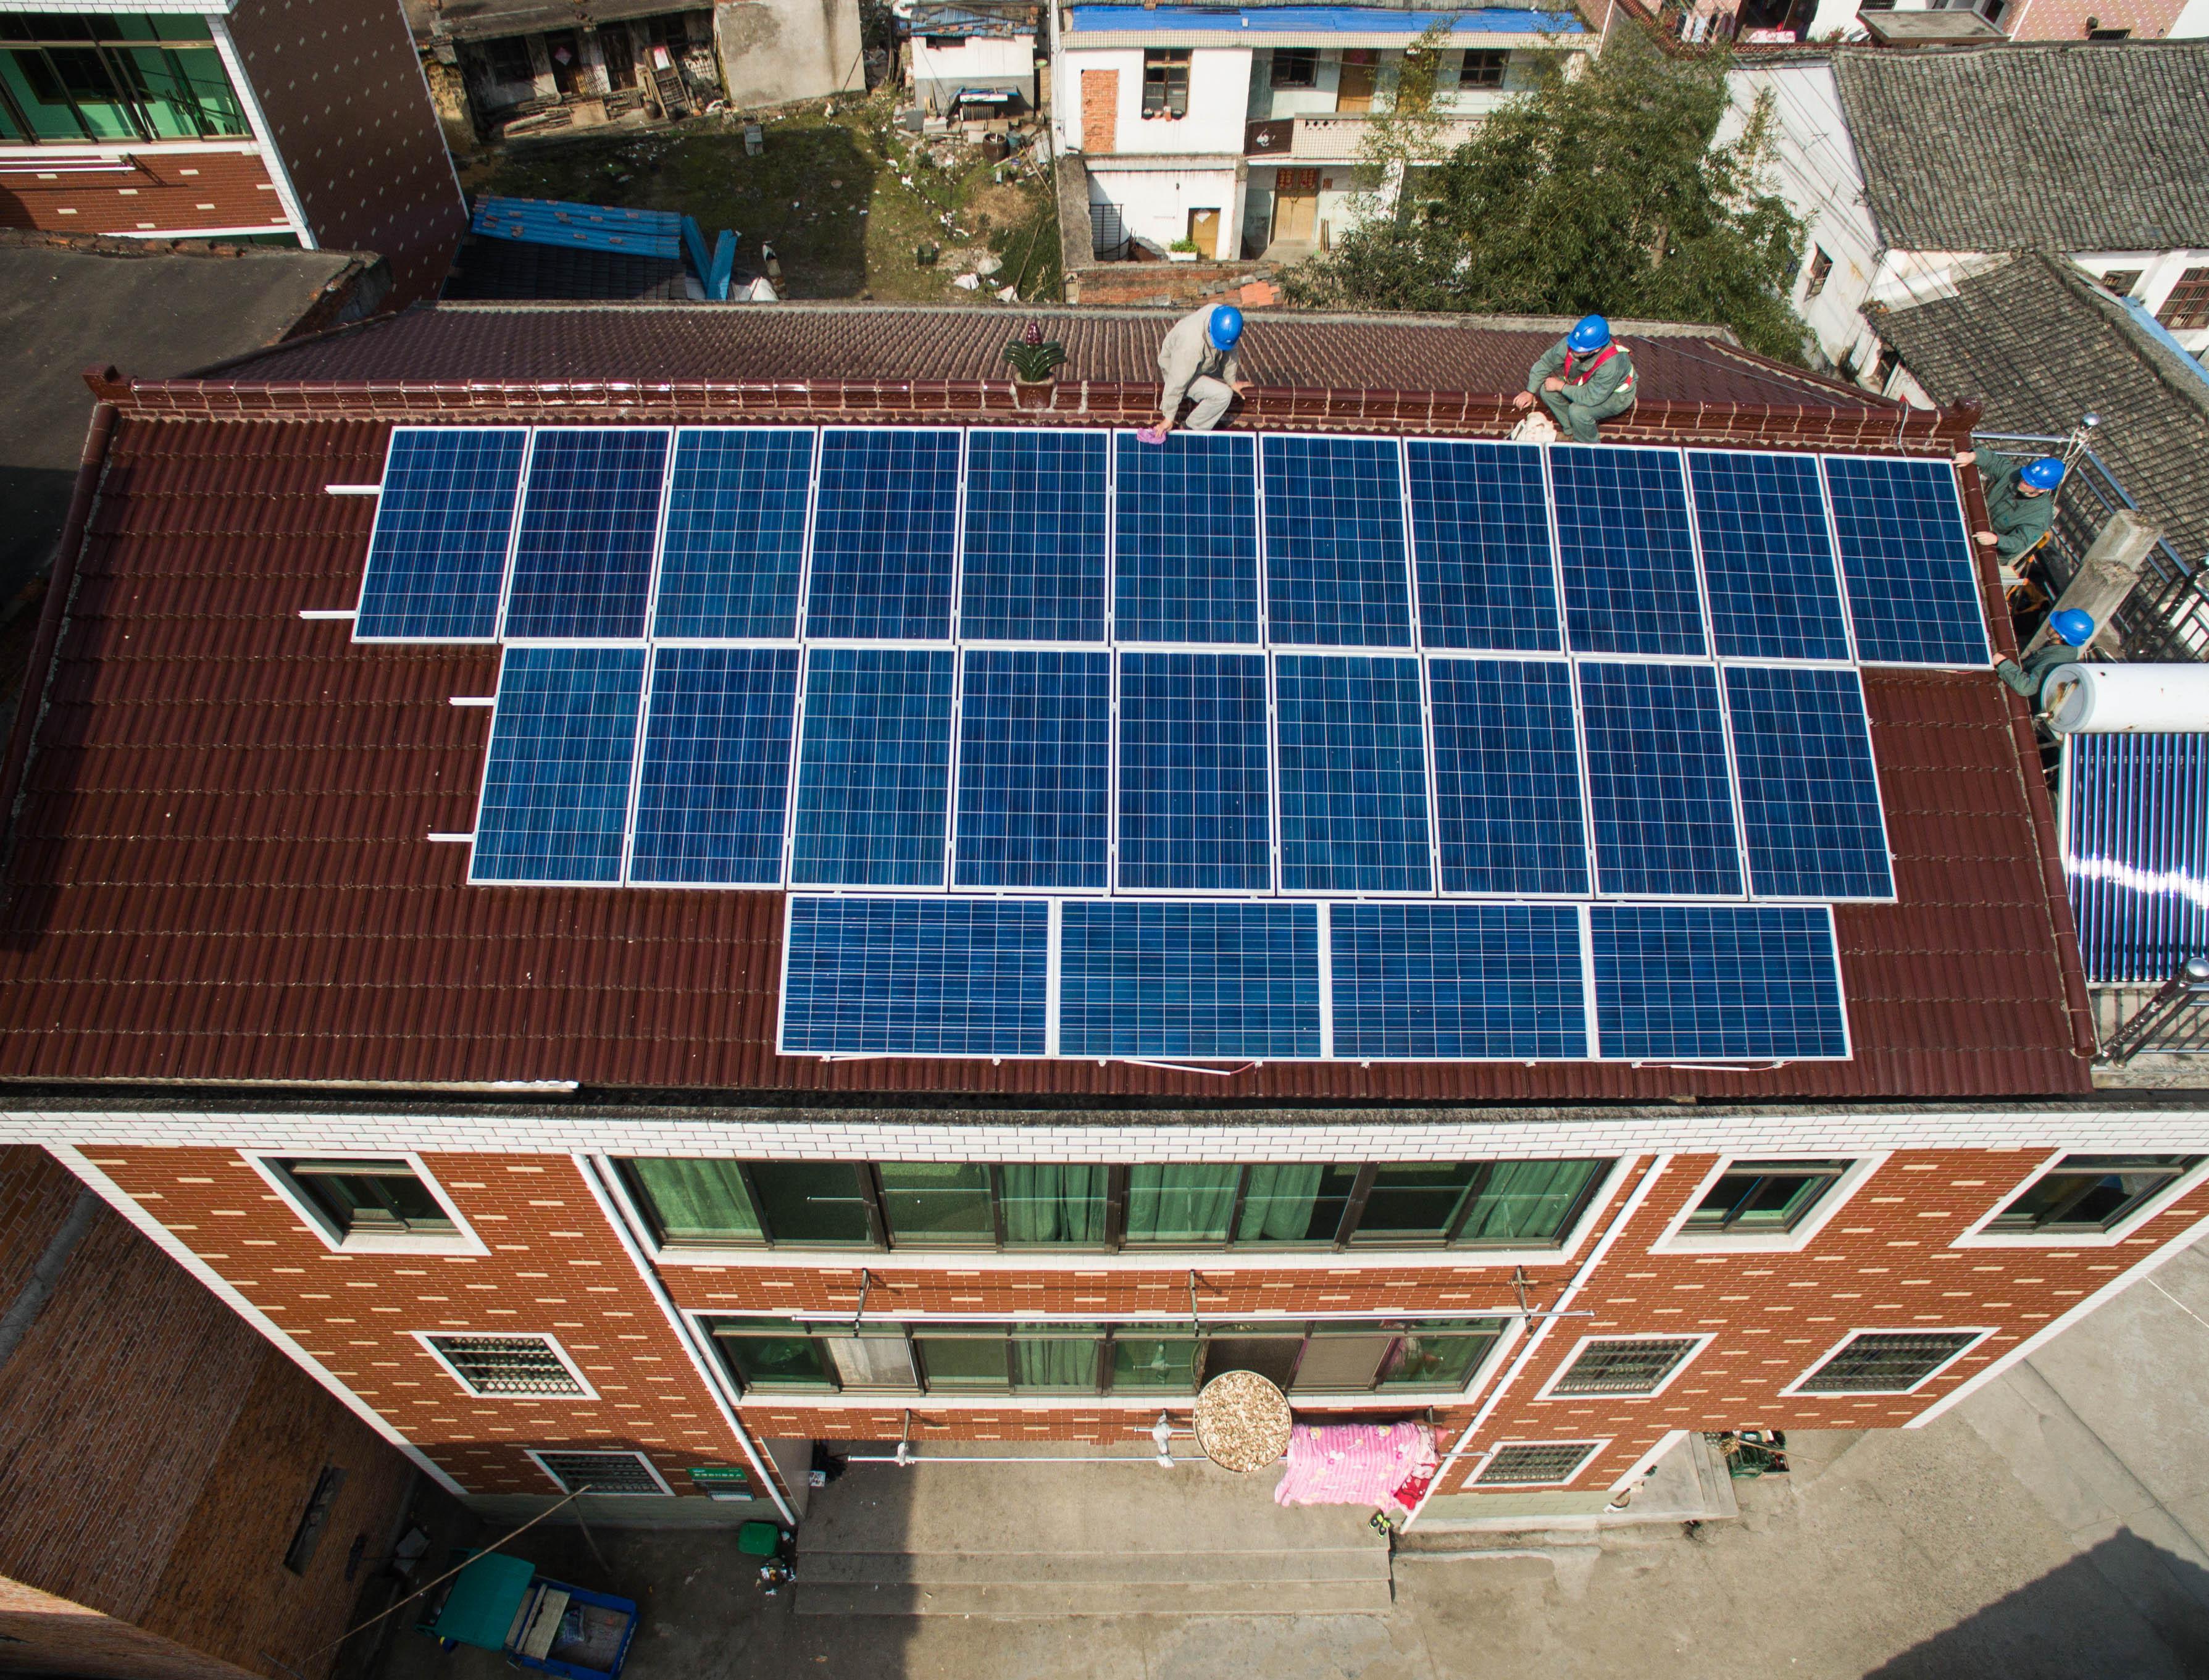 Painel solar em prédio na cidade de Yiwu, na China